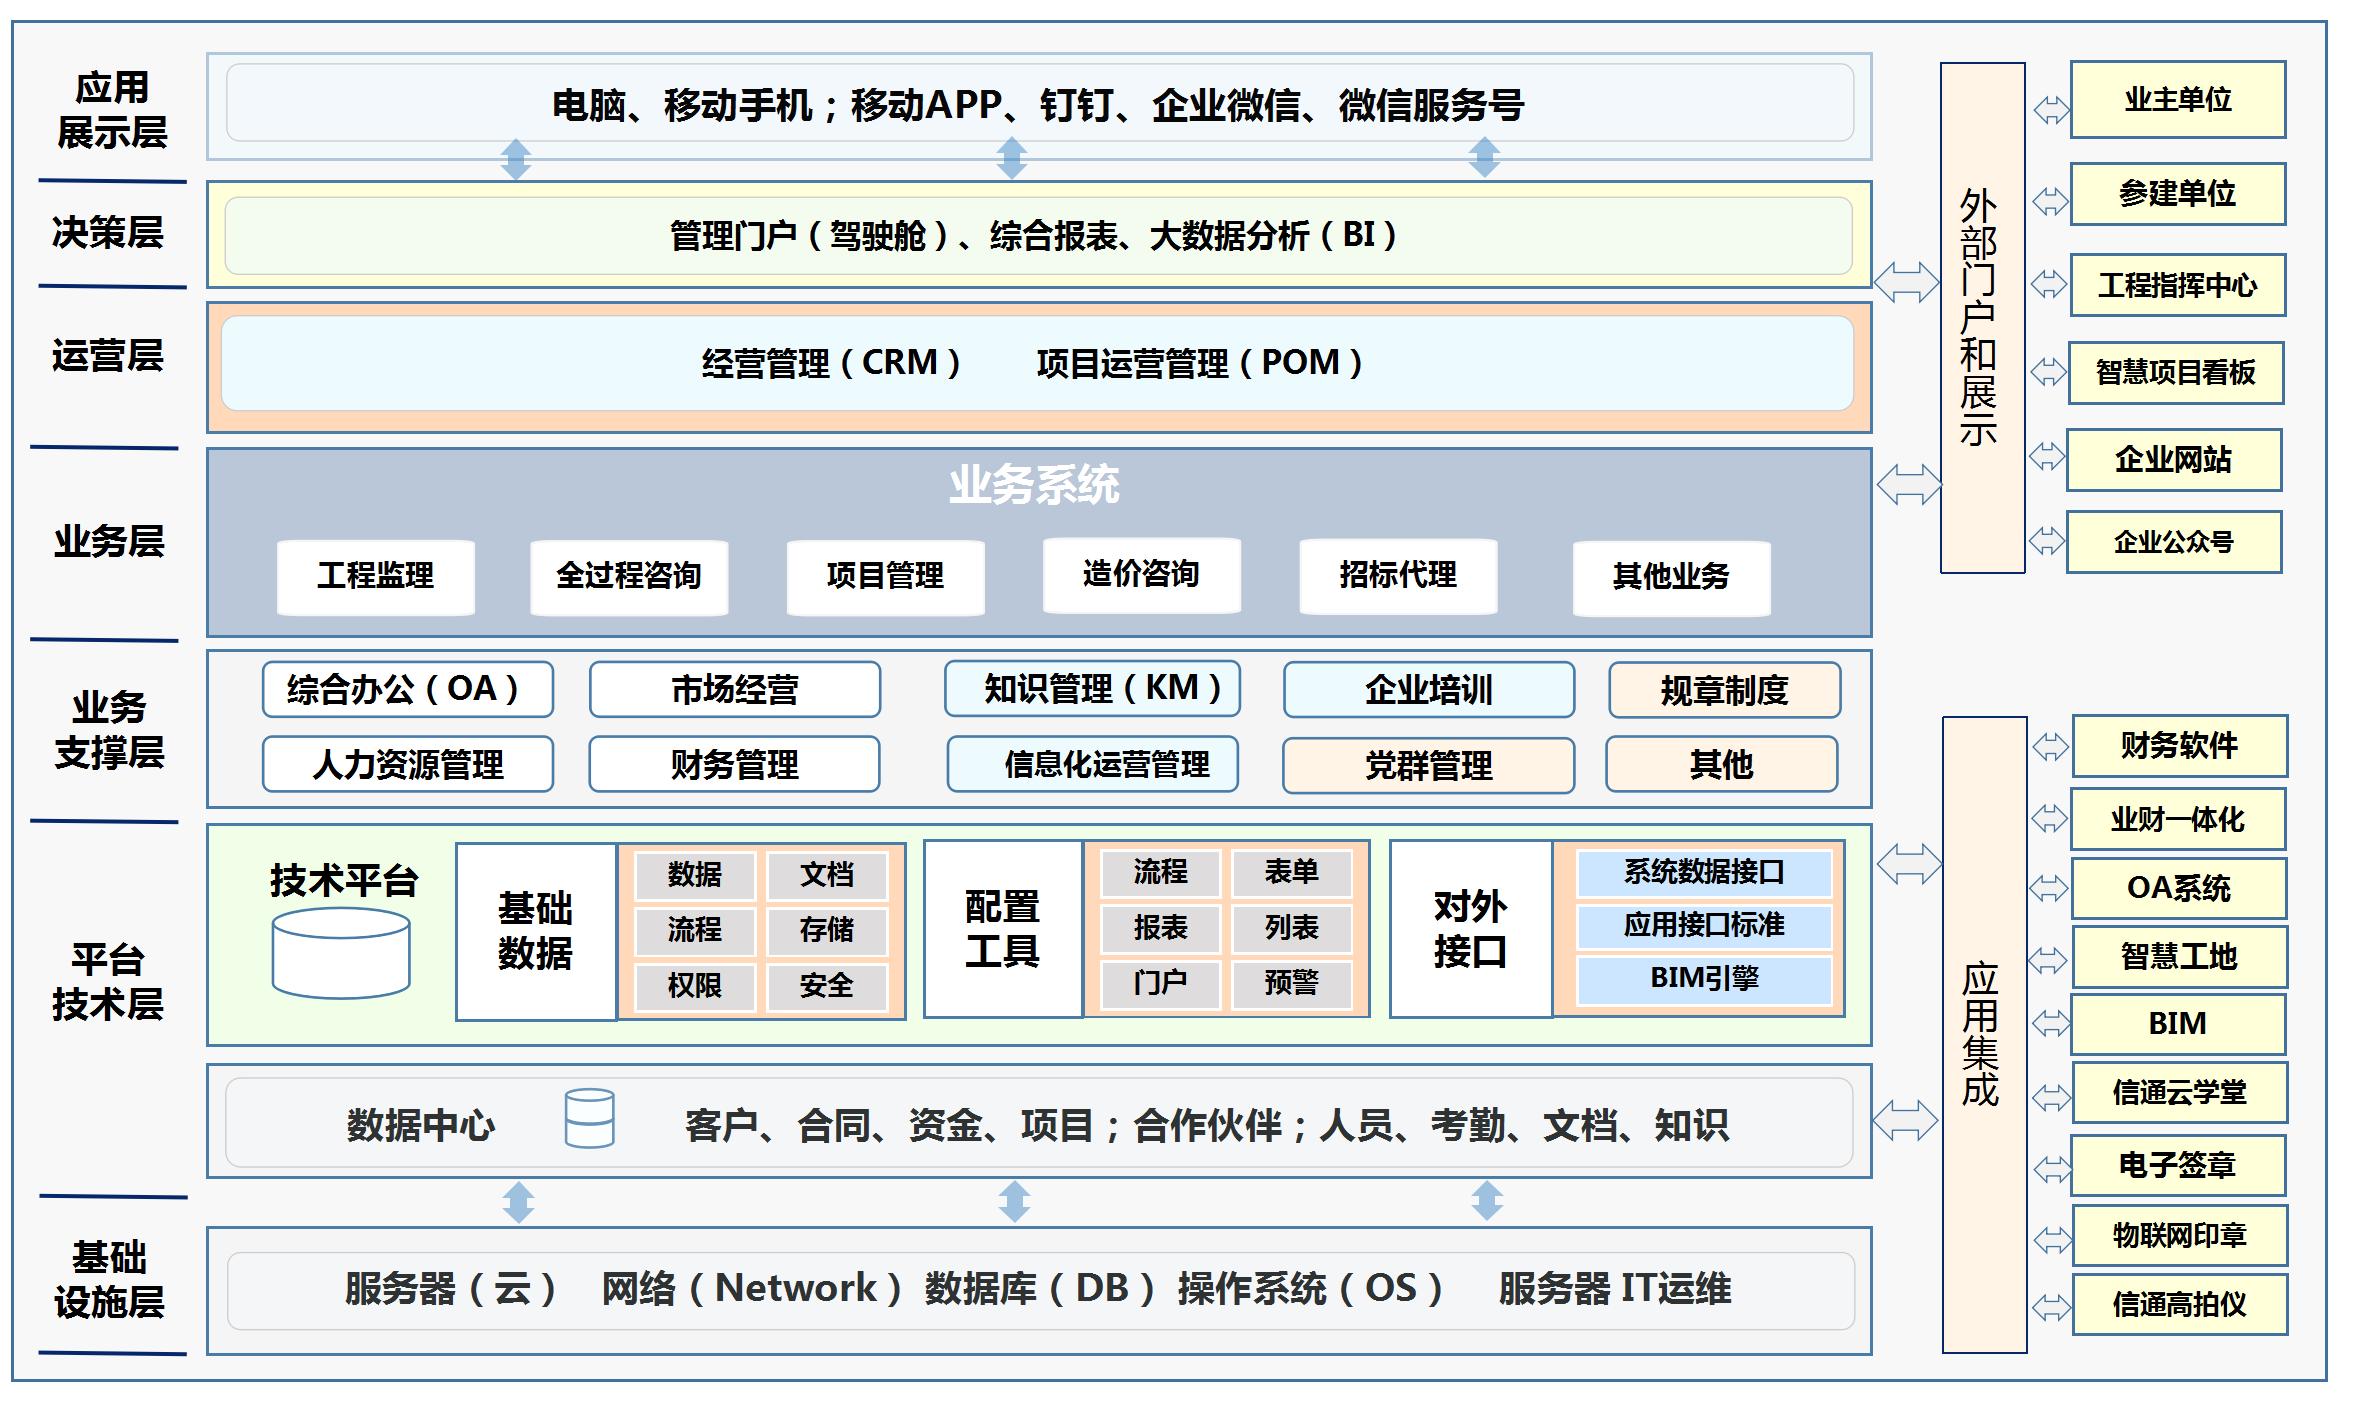 监理通框图1207.png